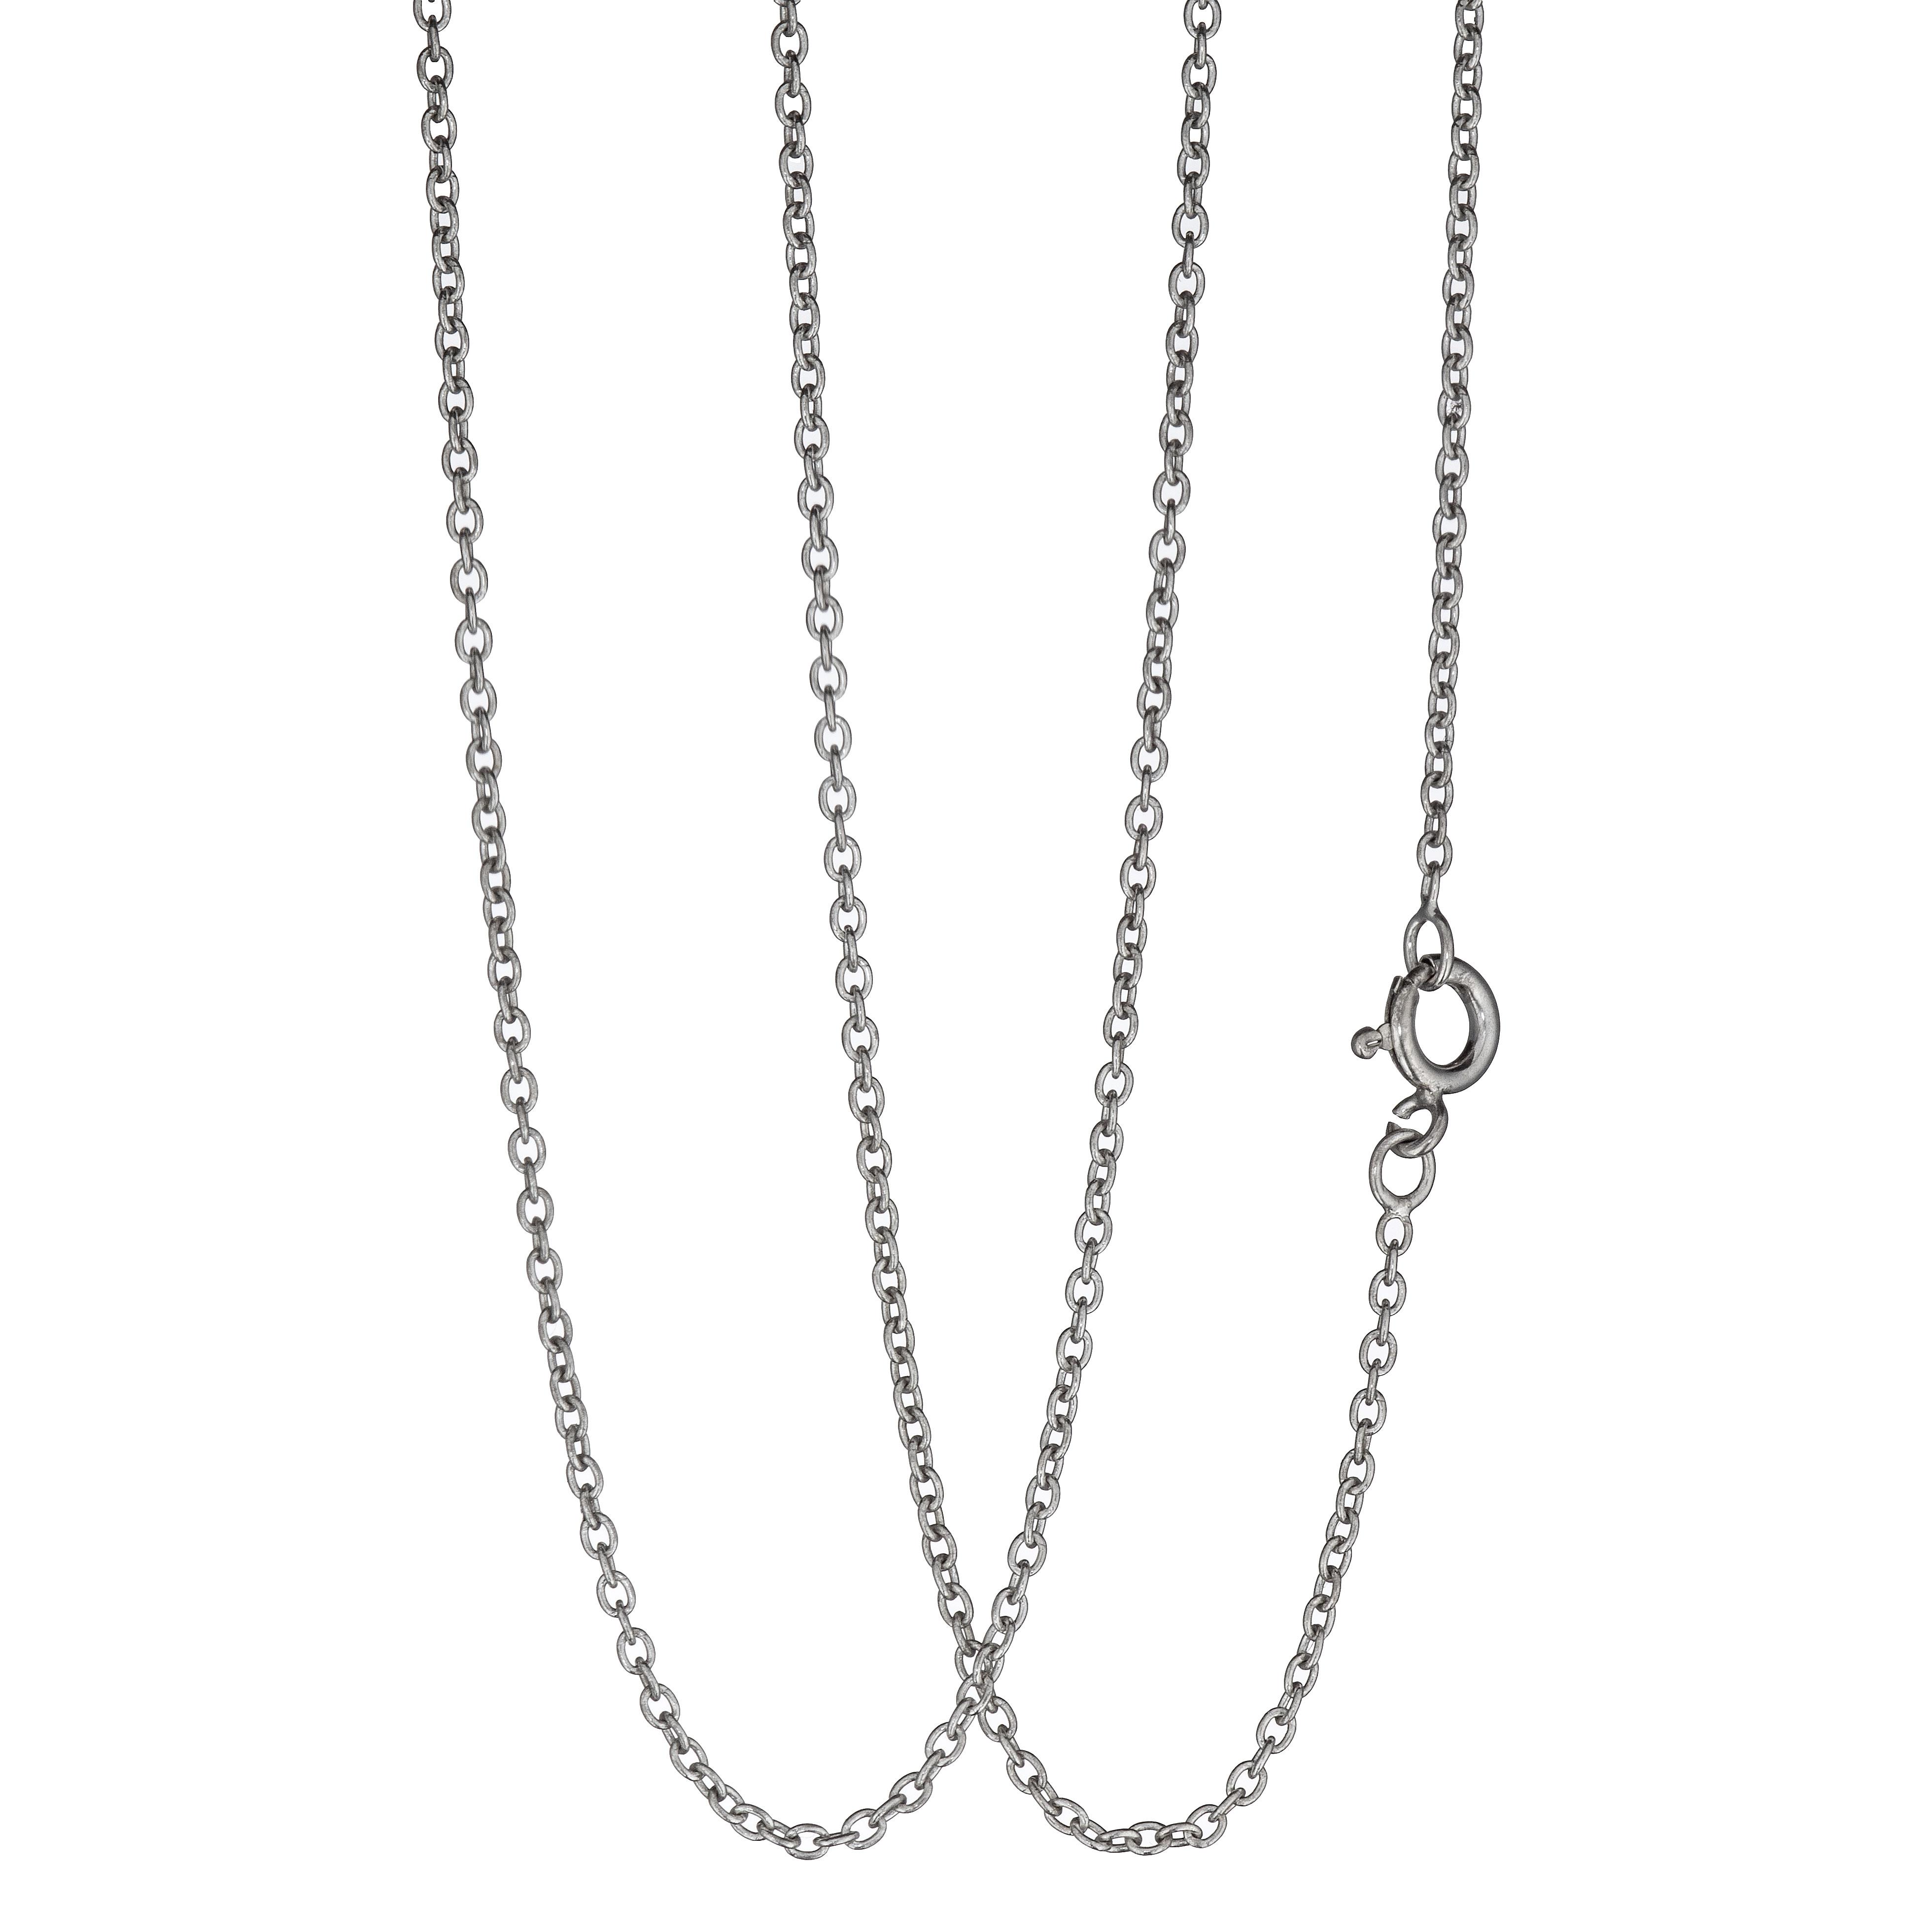 Anker halskjede 40,5 cm, sølv